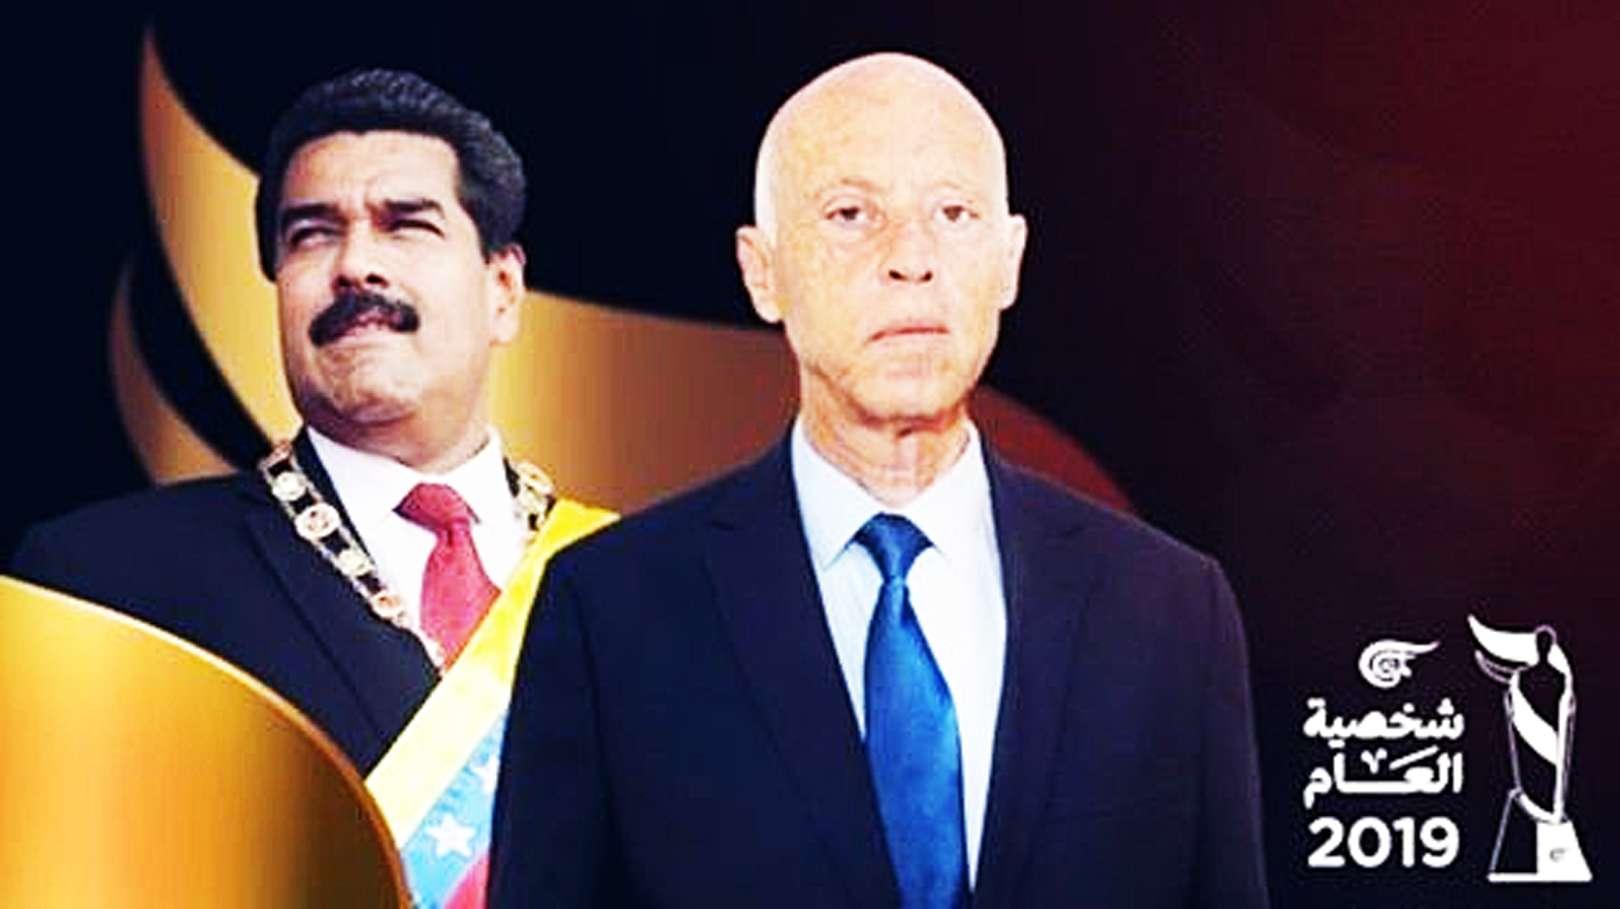 Al Mayadeen galardona Pdte Maduro Kais Saied como Personalidad del Año 2019